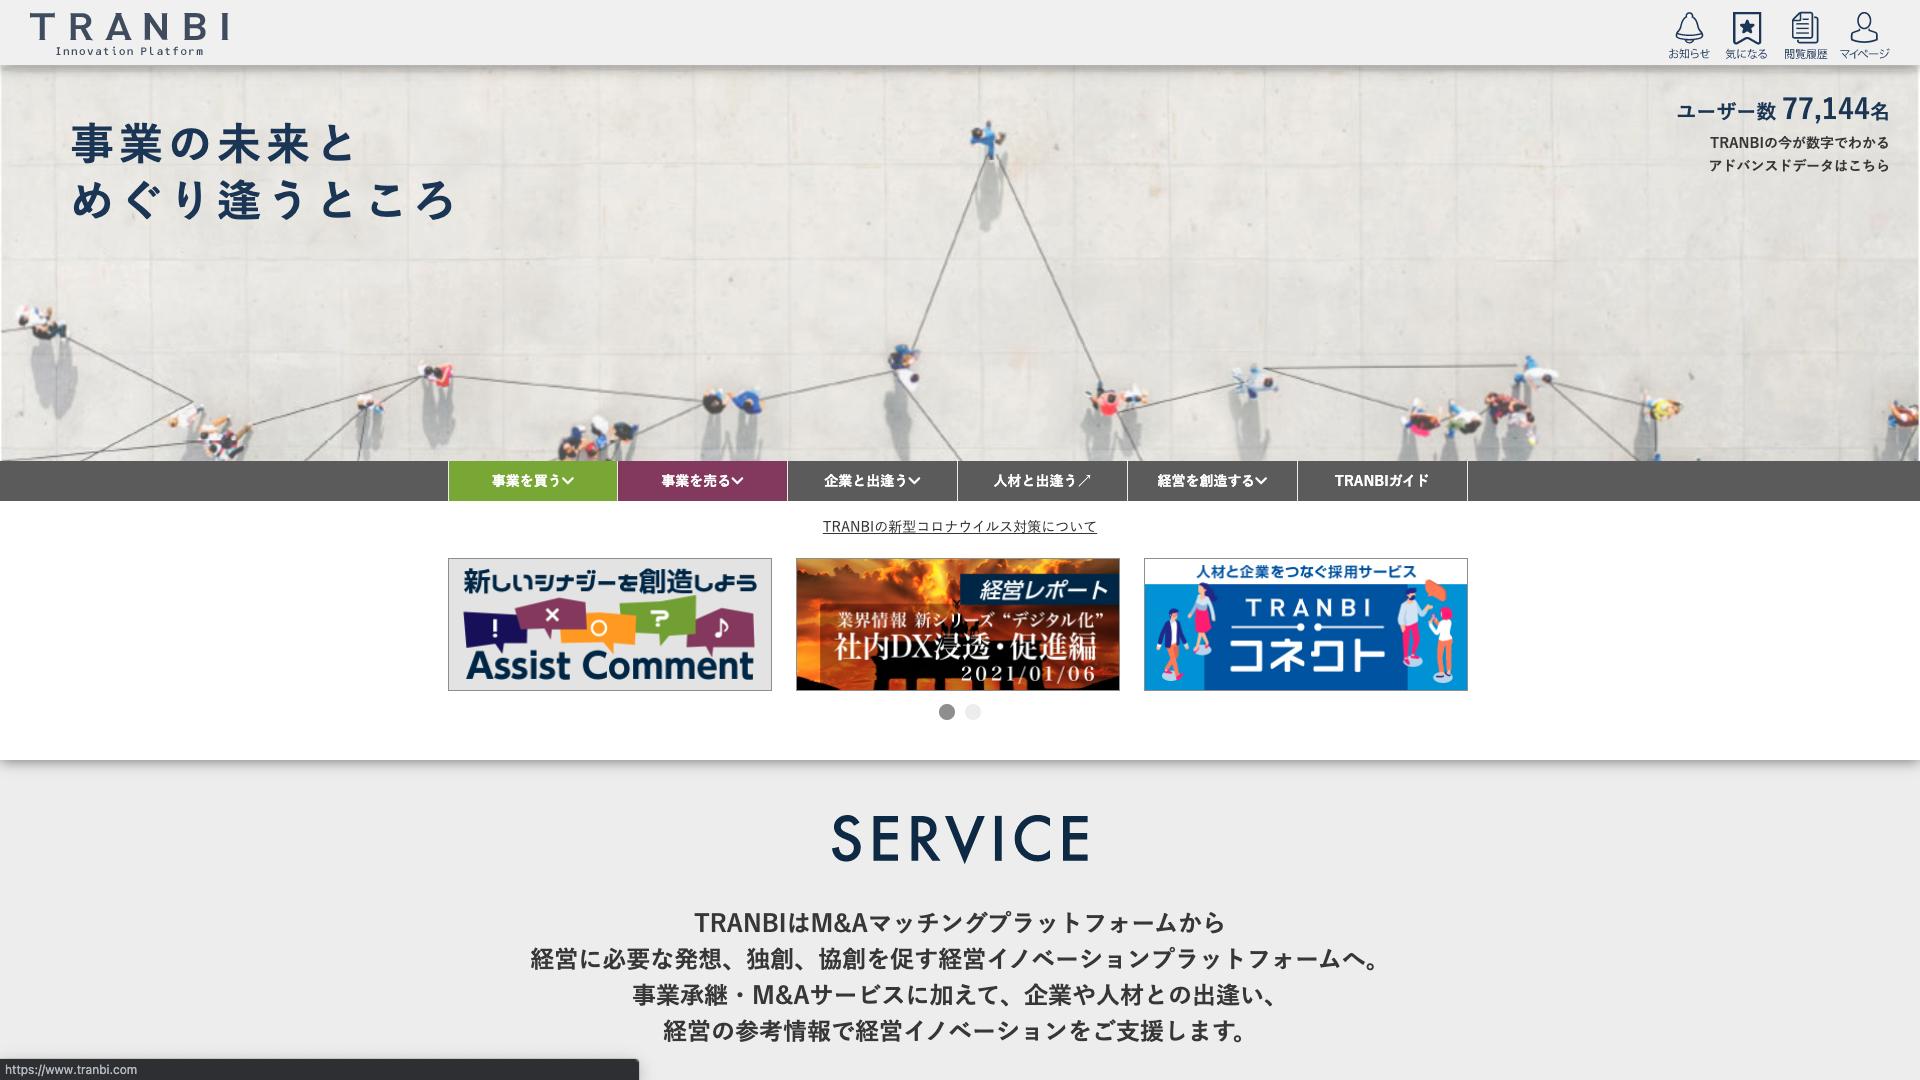 事業承継・M&Aの企業マッチングを促進する【TRANBI】